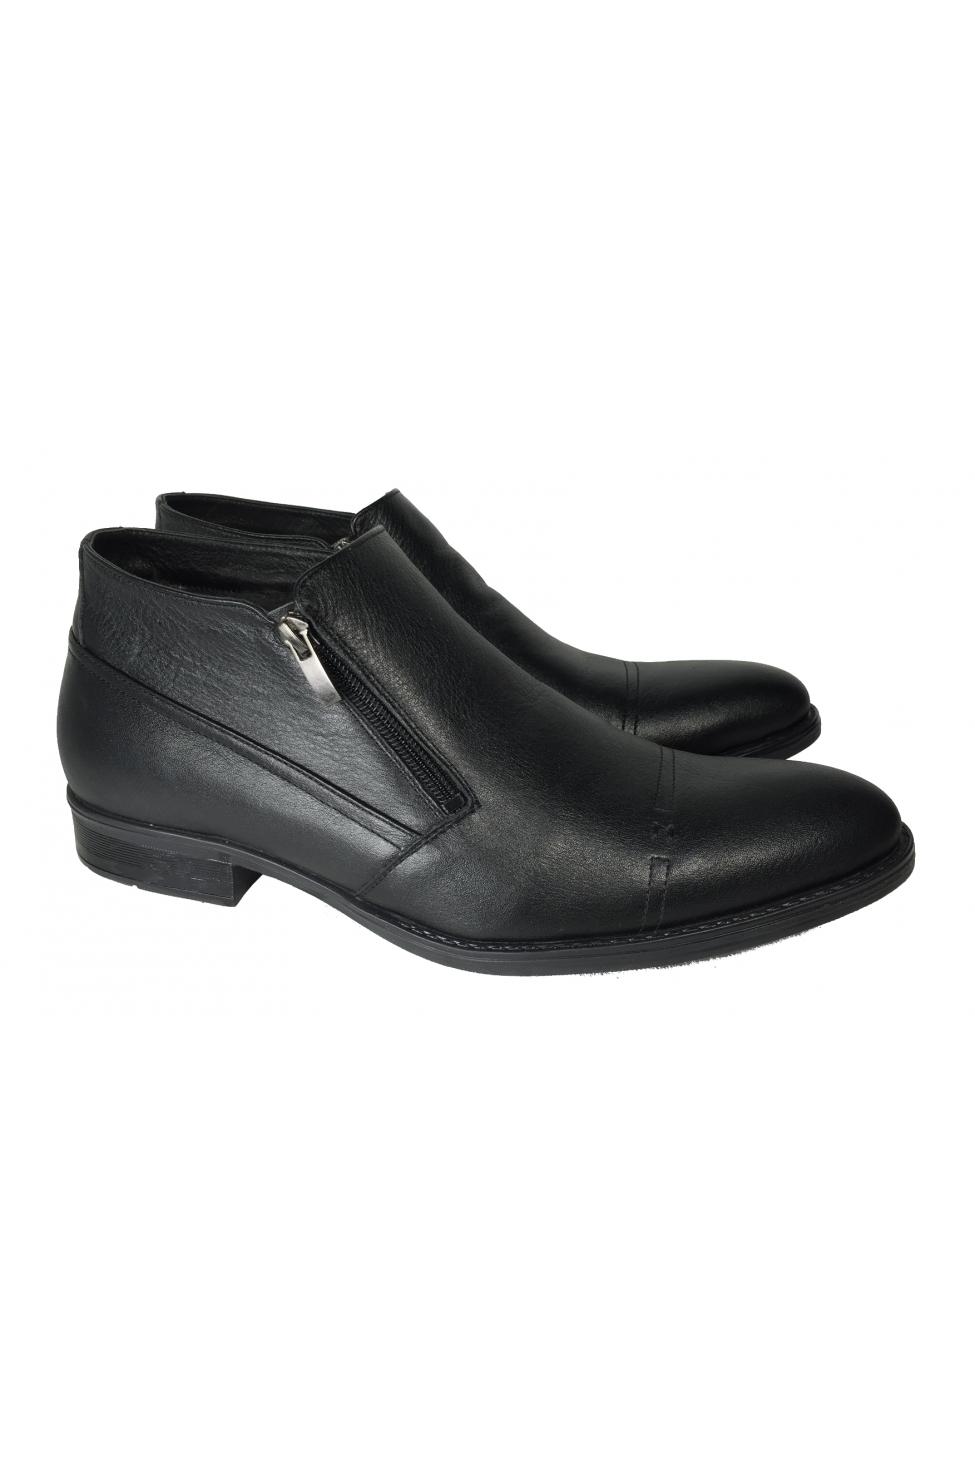 Сбор заказов. Аааааа! Все сюда-2! Грандиозная распродажа обуви дорогих брендов. Женская 35-41 цены от 1196 руб, мужская 39-46 цены от 1000 руб, детская 32-36 цены от 716 руб! Сапоги, ботильоны, ботинки, туфли, балетки, мокасины, босоножки ! Без рядов!